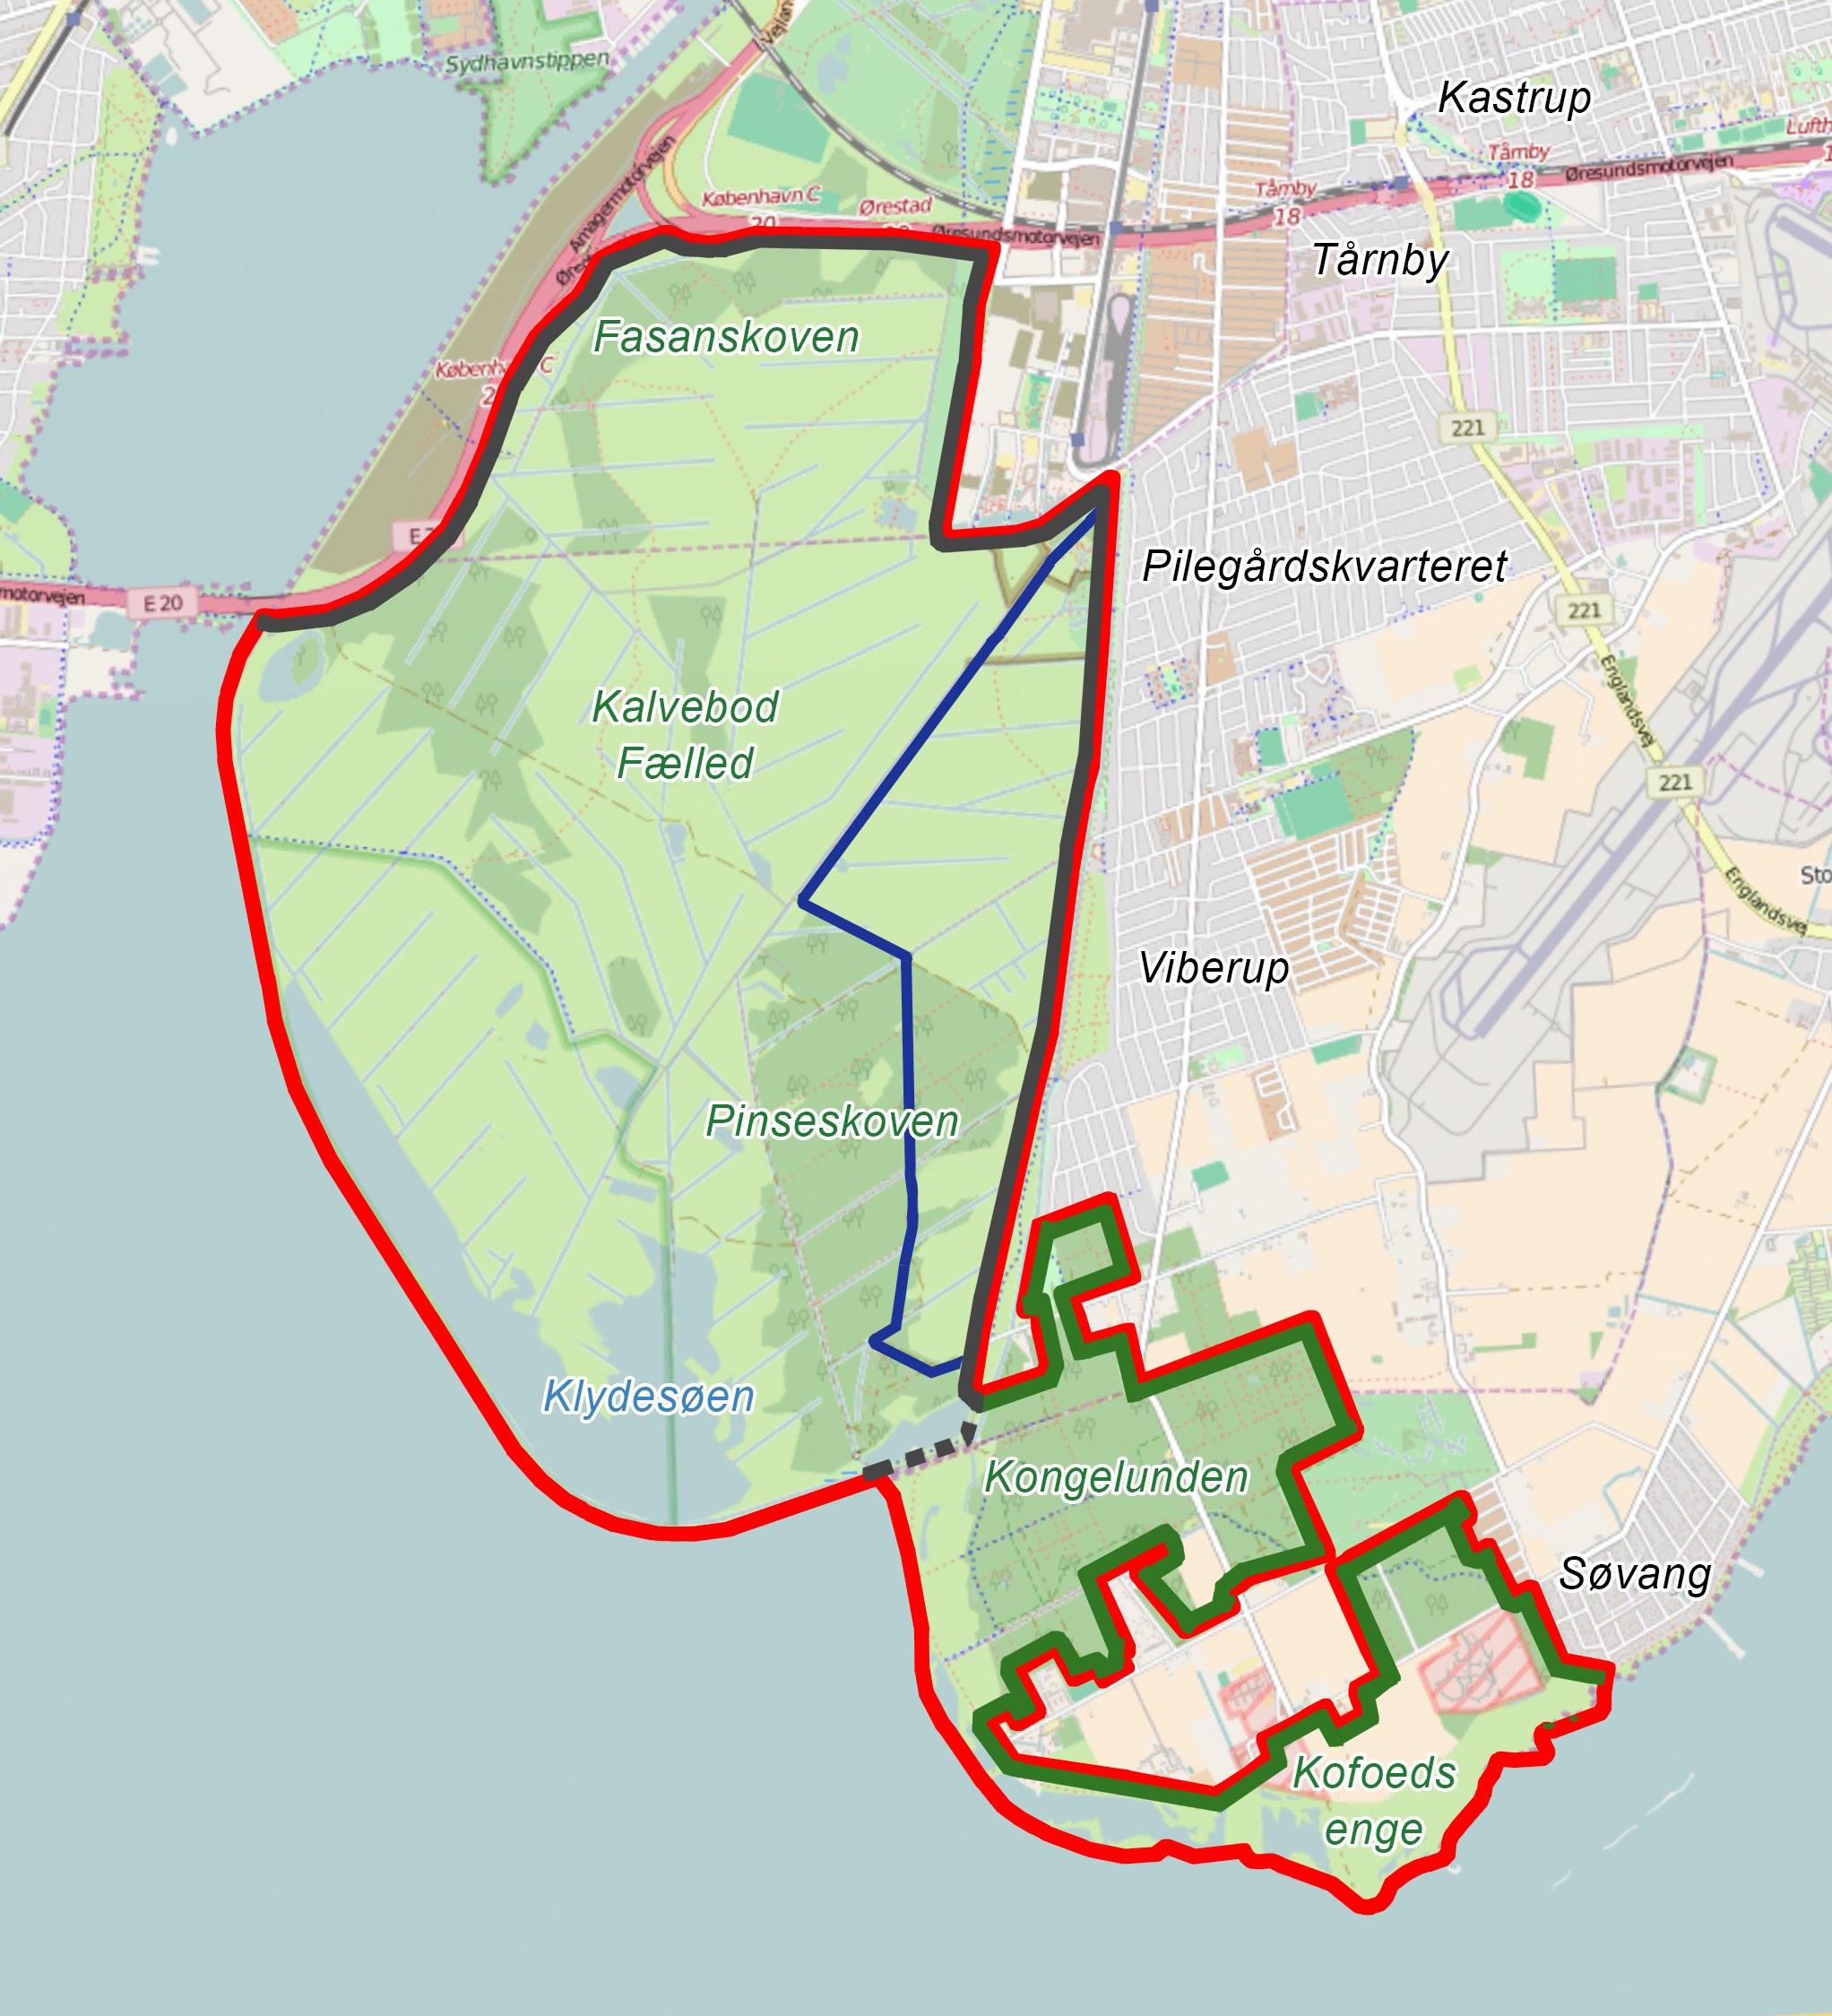 Forslag til hegnslinjer og opdeling af Naturnationalpark Amager (rød linje) med det nuværende hegn (sort linje), forslag til udvidet hegnslinje, der inkluderer Kongelunden og Kofoeds Enge (grøn linje) og et område, der er reserveret til hesteridning og hestefolde (blå linje), og som adskiller tamhestene fra vildhestene (der kan færdes frit på det øvrige areal).